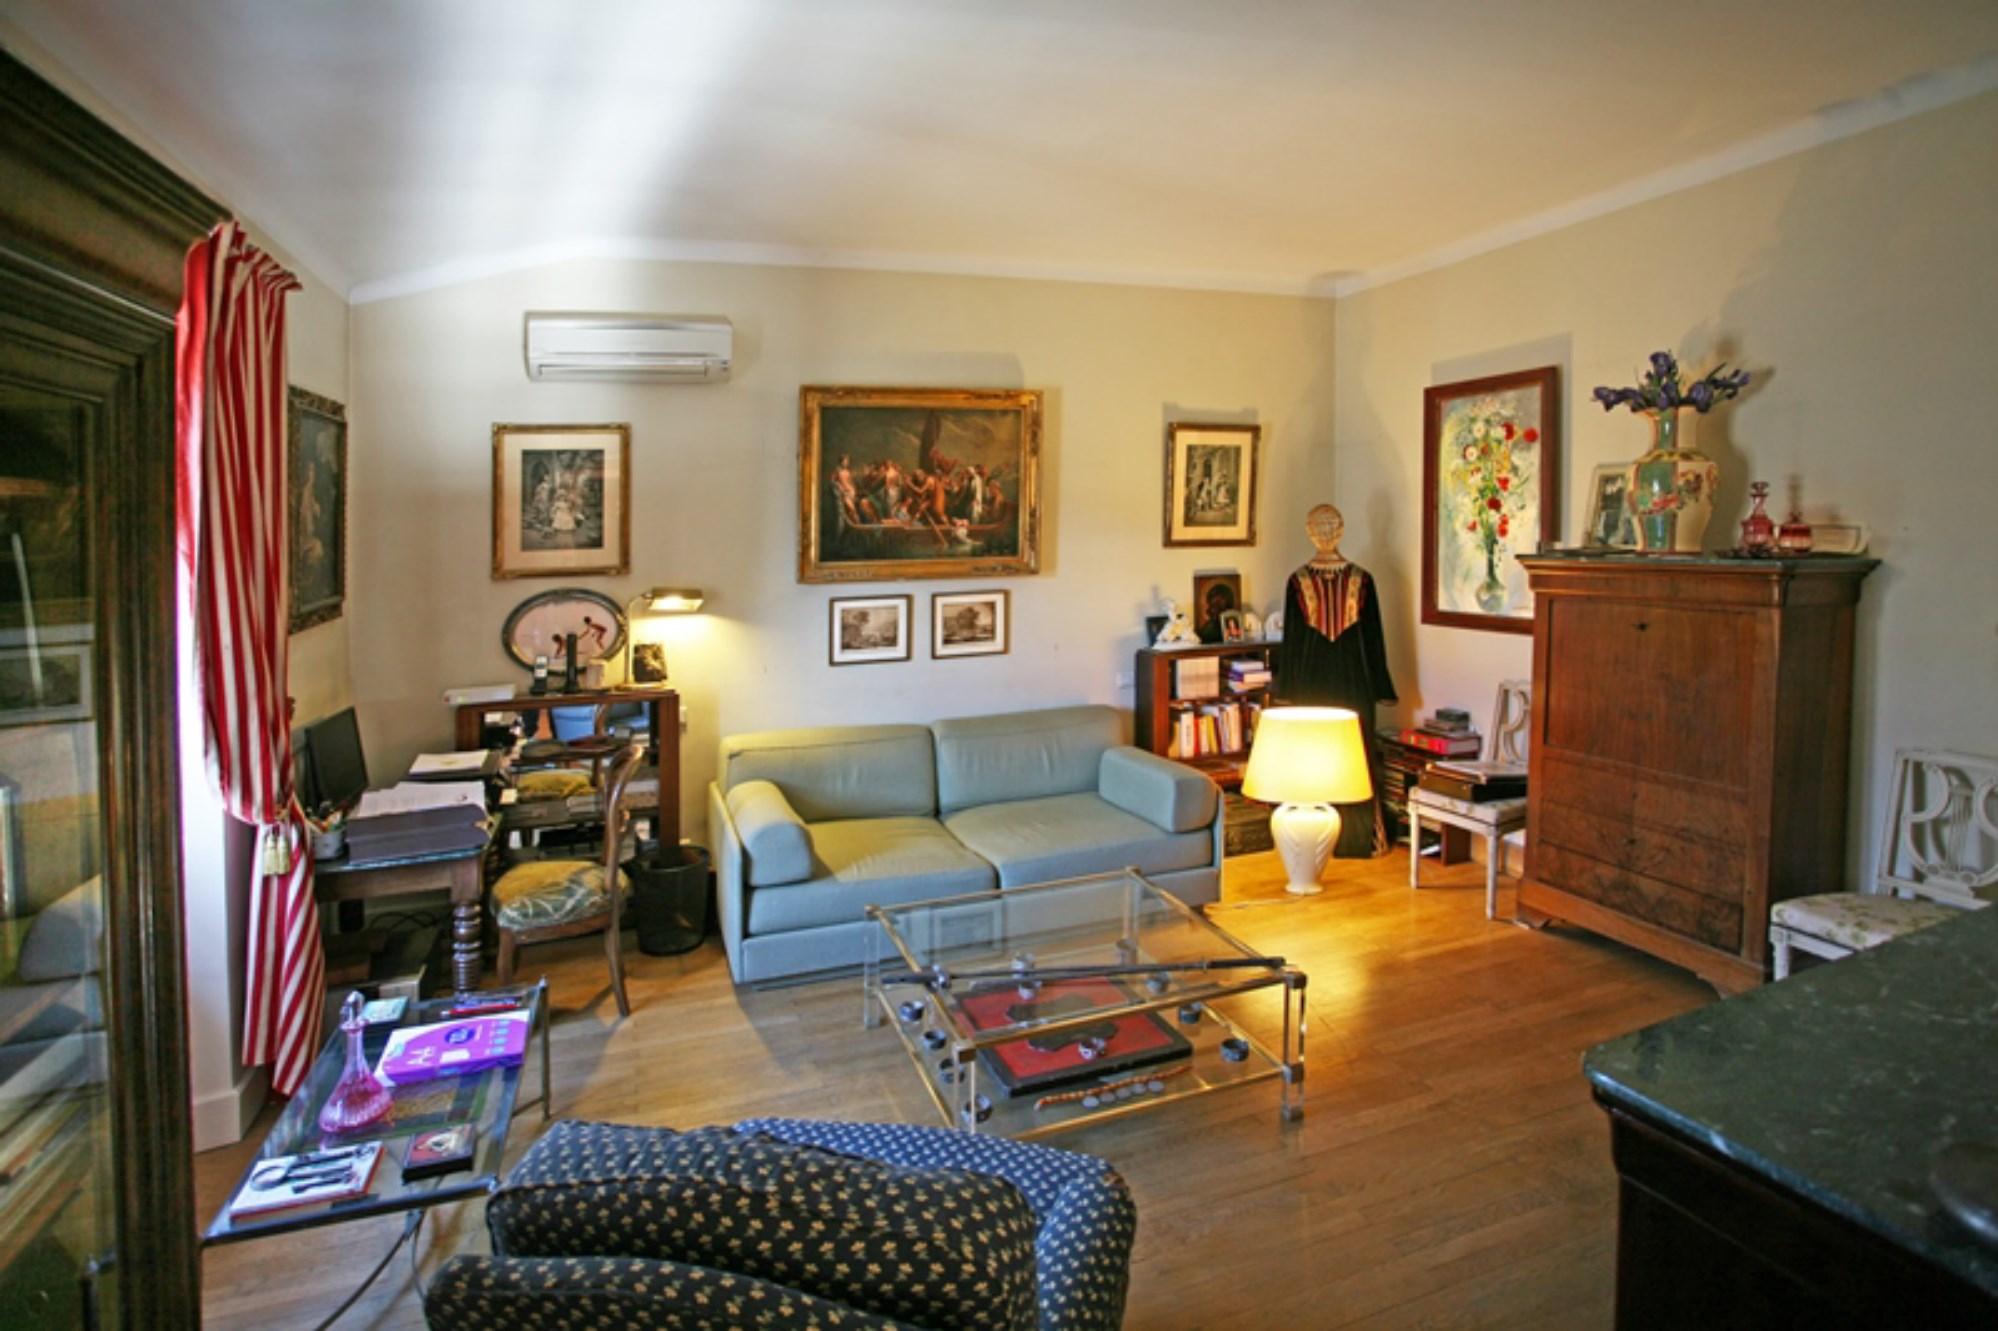 En vente,  sur Lauris en Luberon,  maison de Maître du XIXe siècle